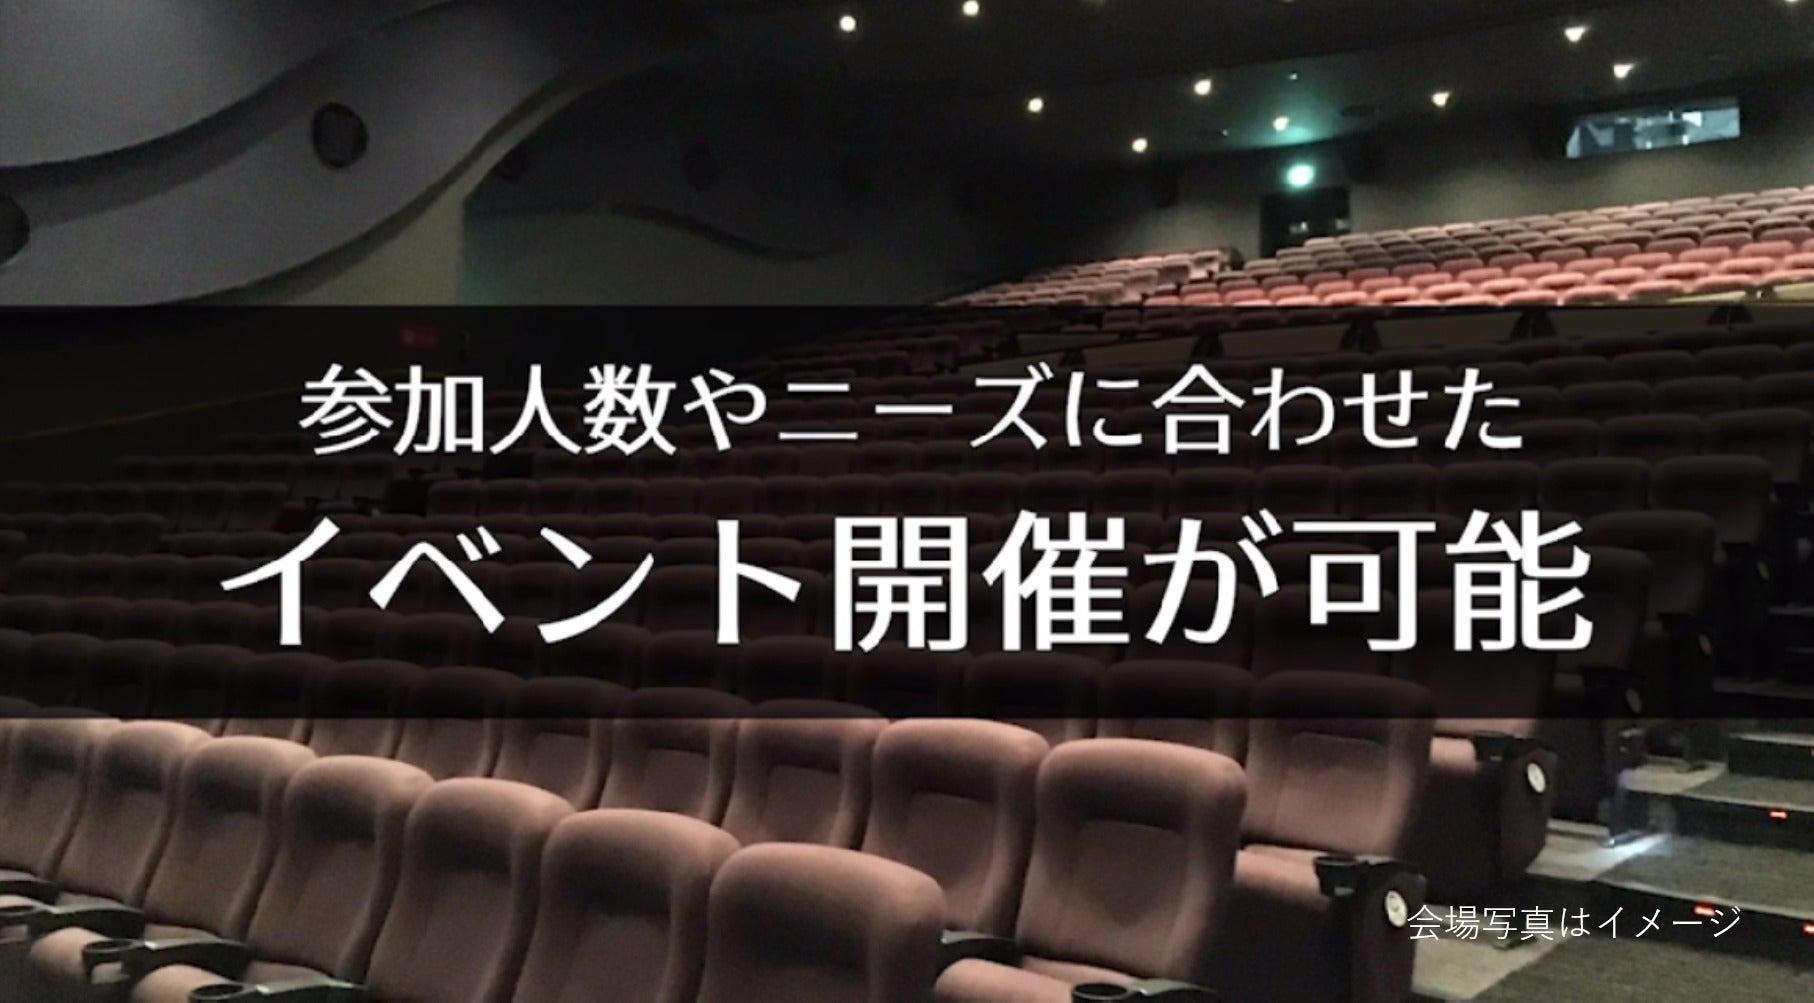 【幸手 265席】映画館で、会社説明会、株主総会、講演会の企画はいかがですか? の写真